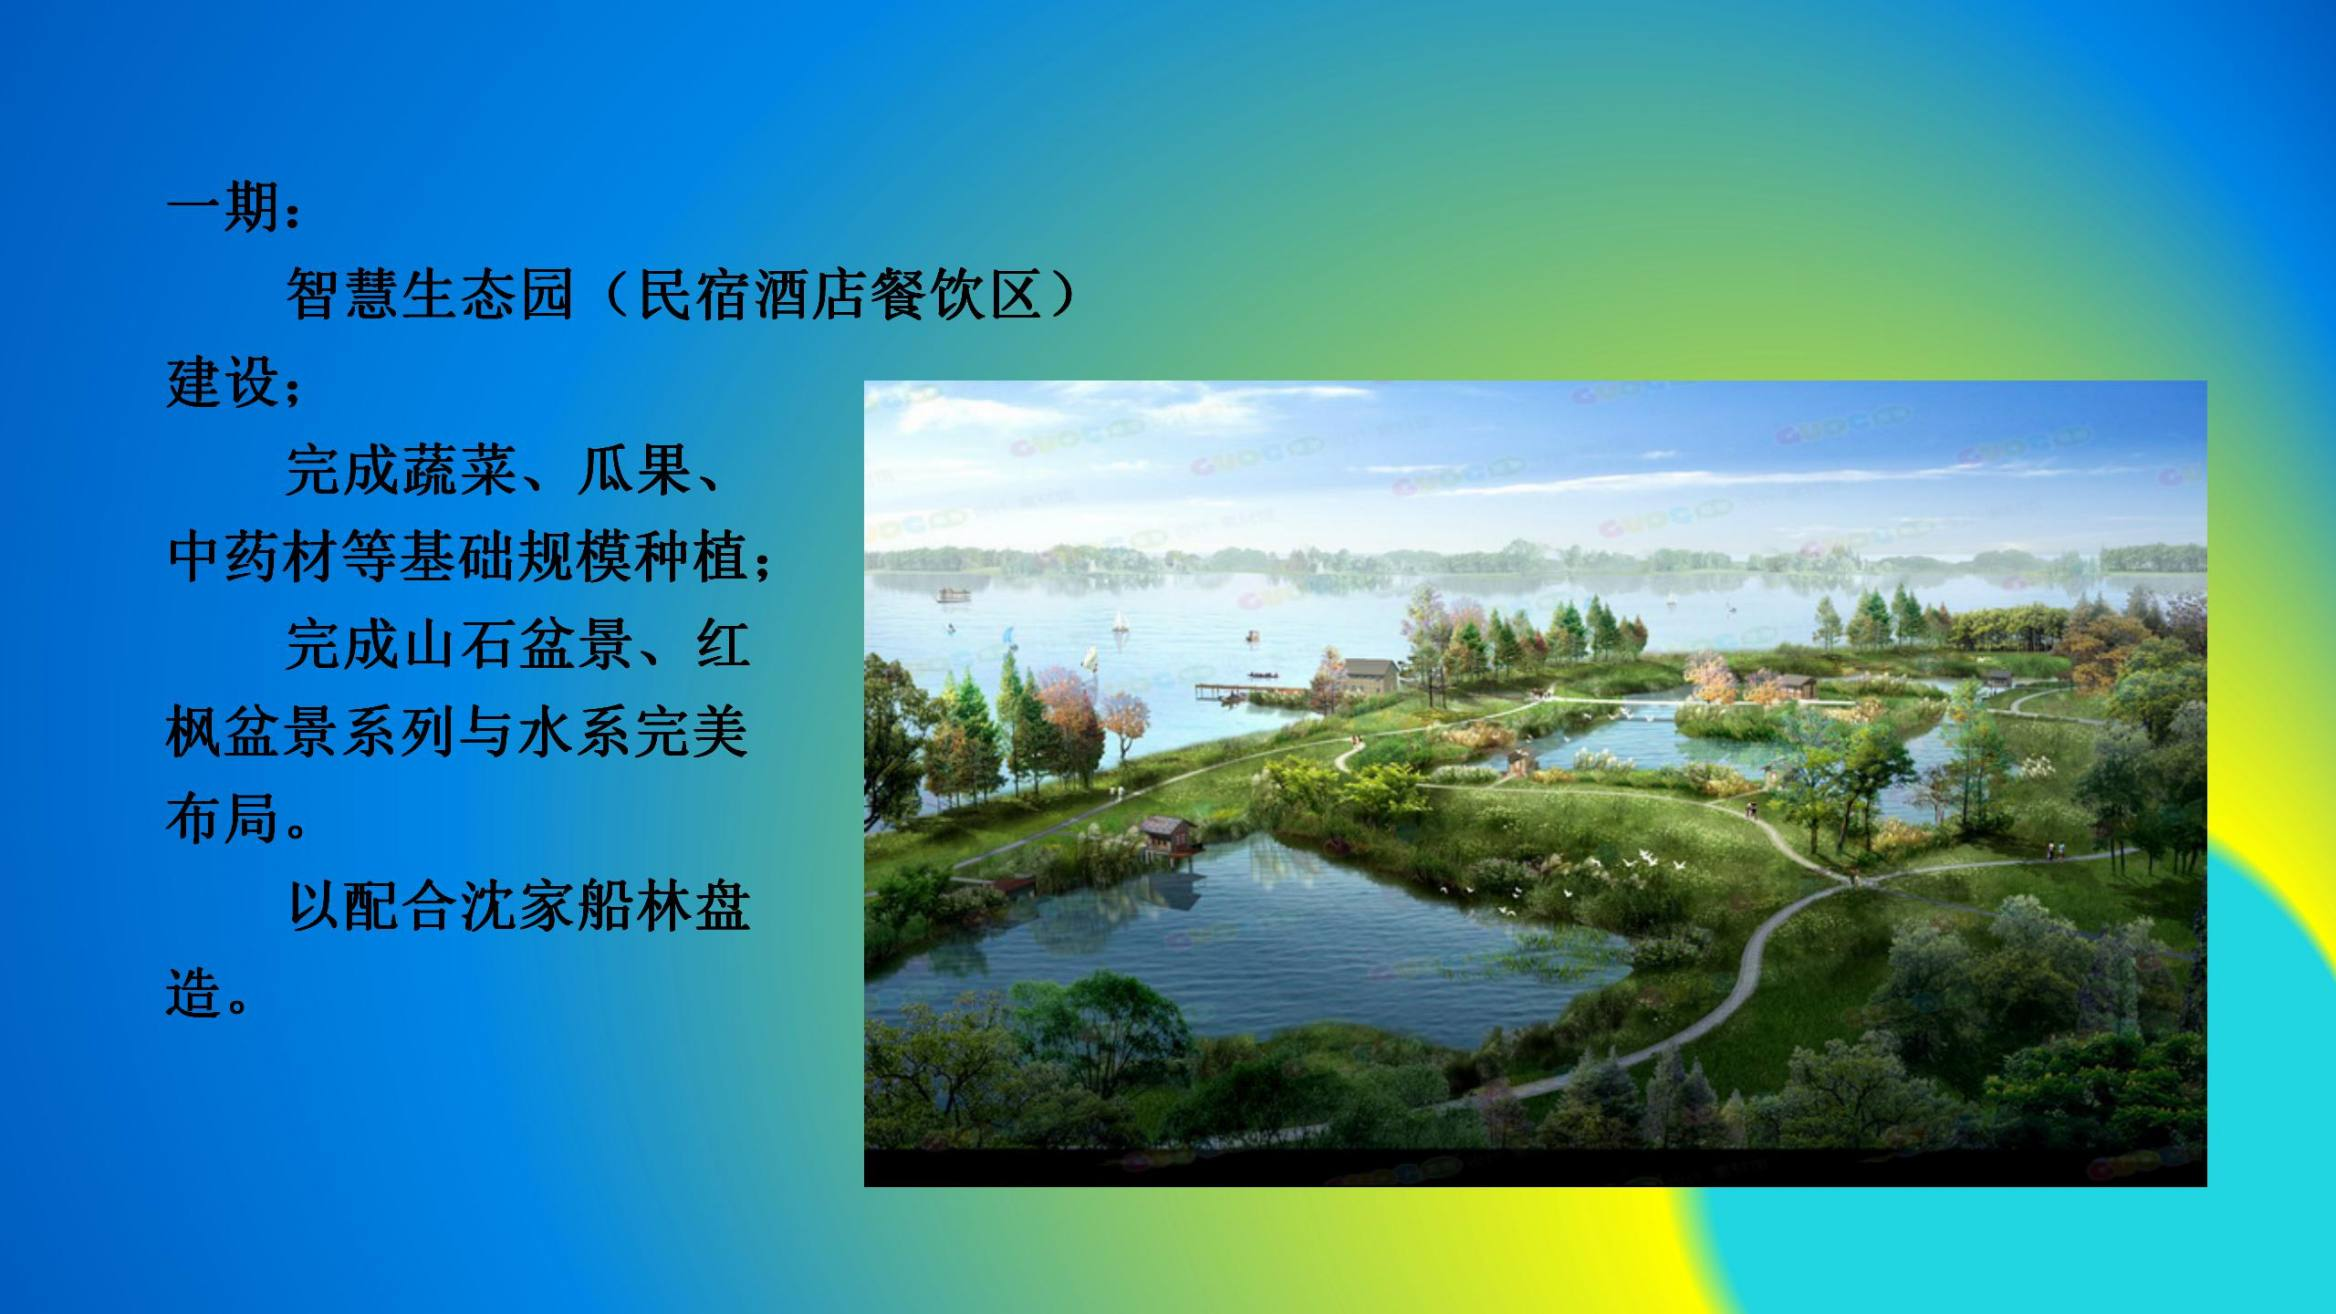 沈家船田园水乡智慧生态园 (2)